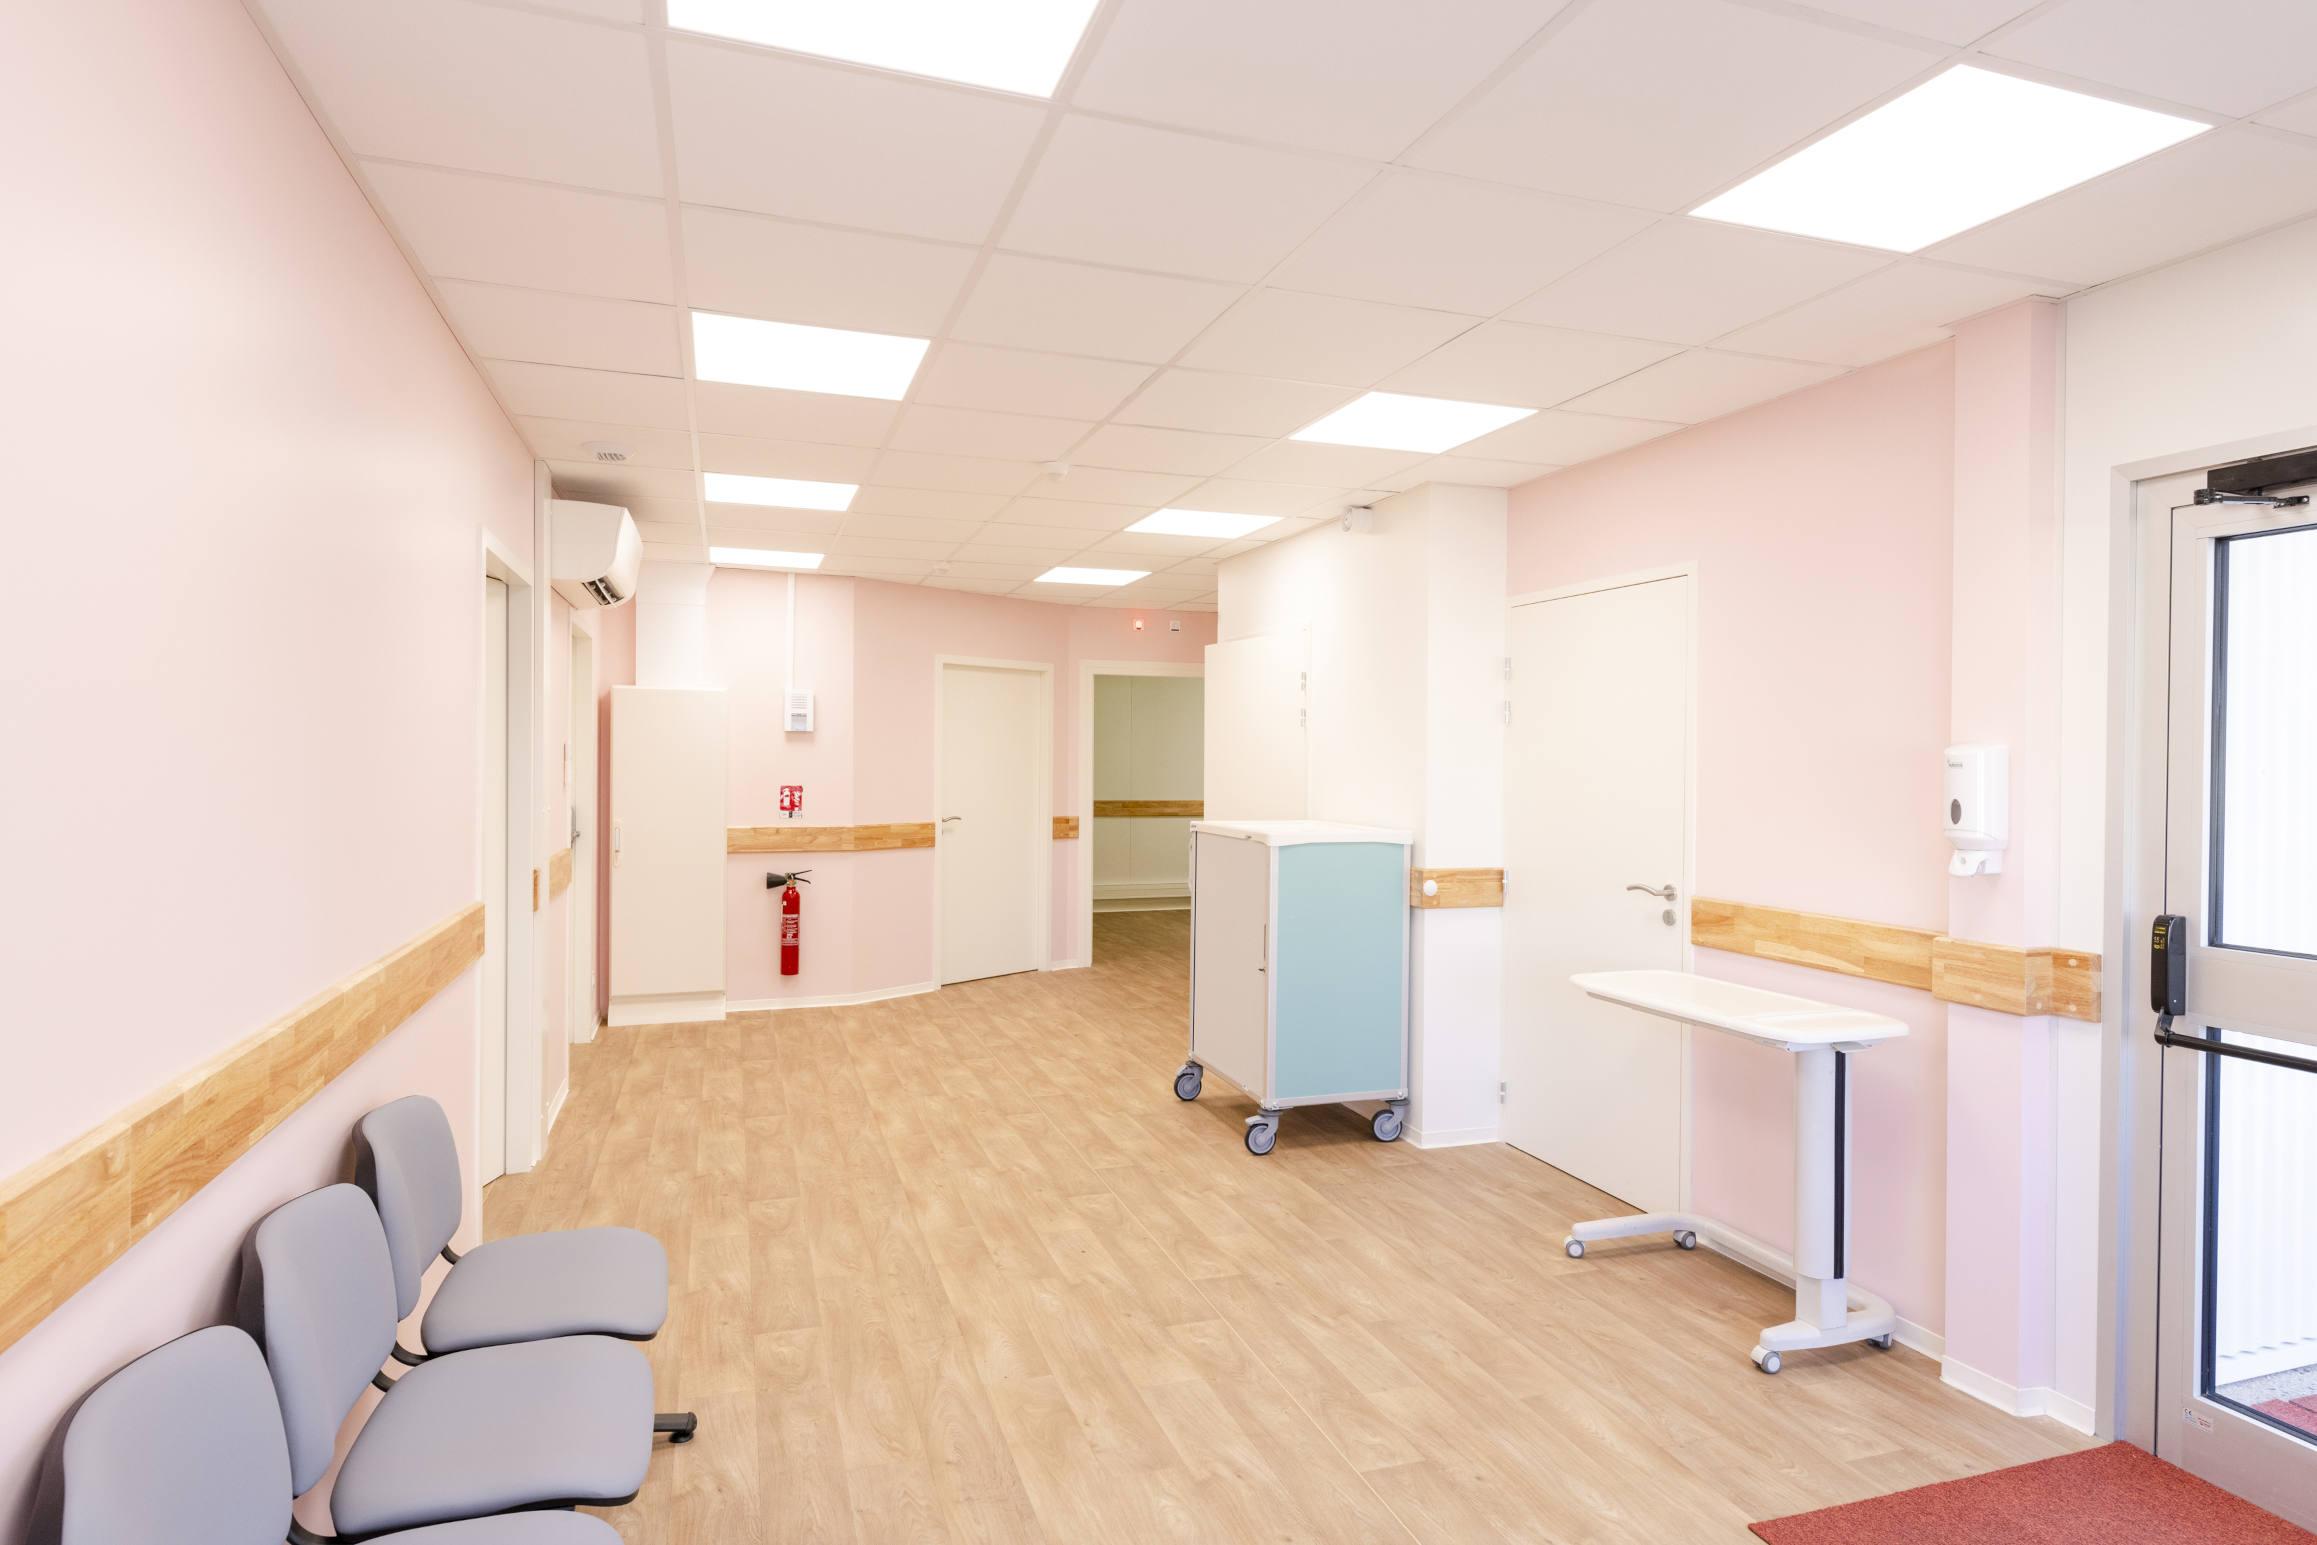 Centre d'imagerie médicale Hôpital Issoire